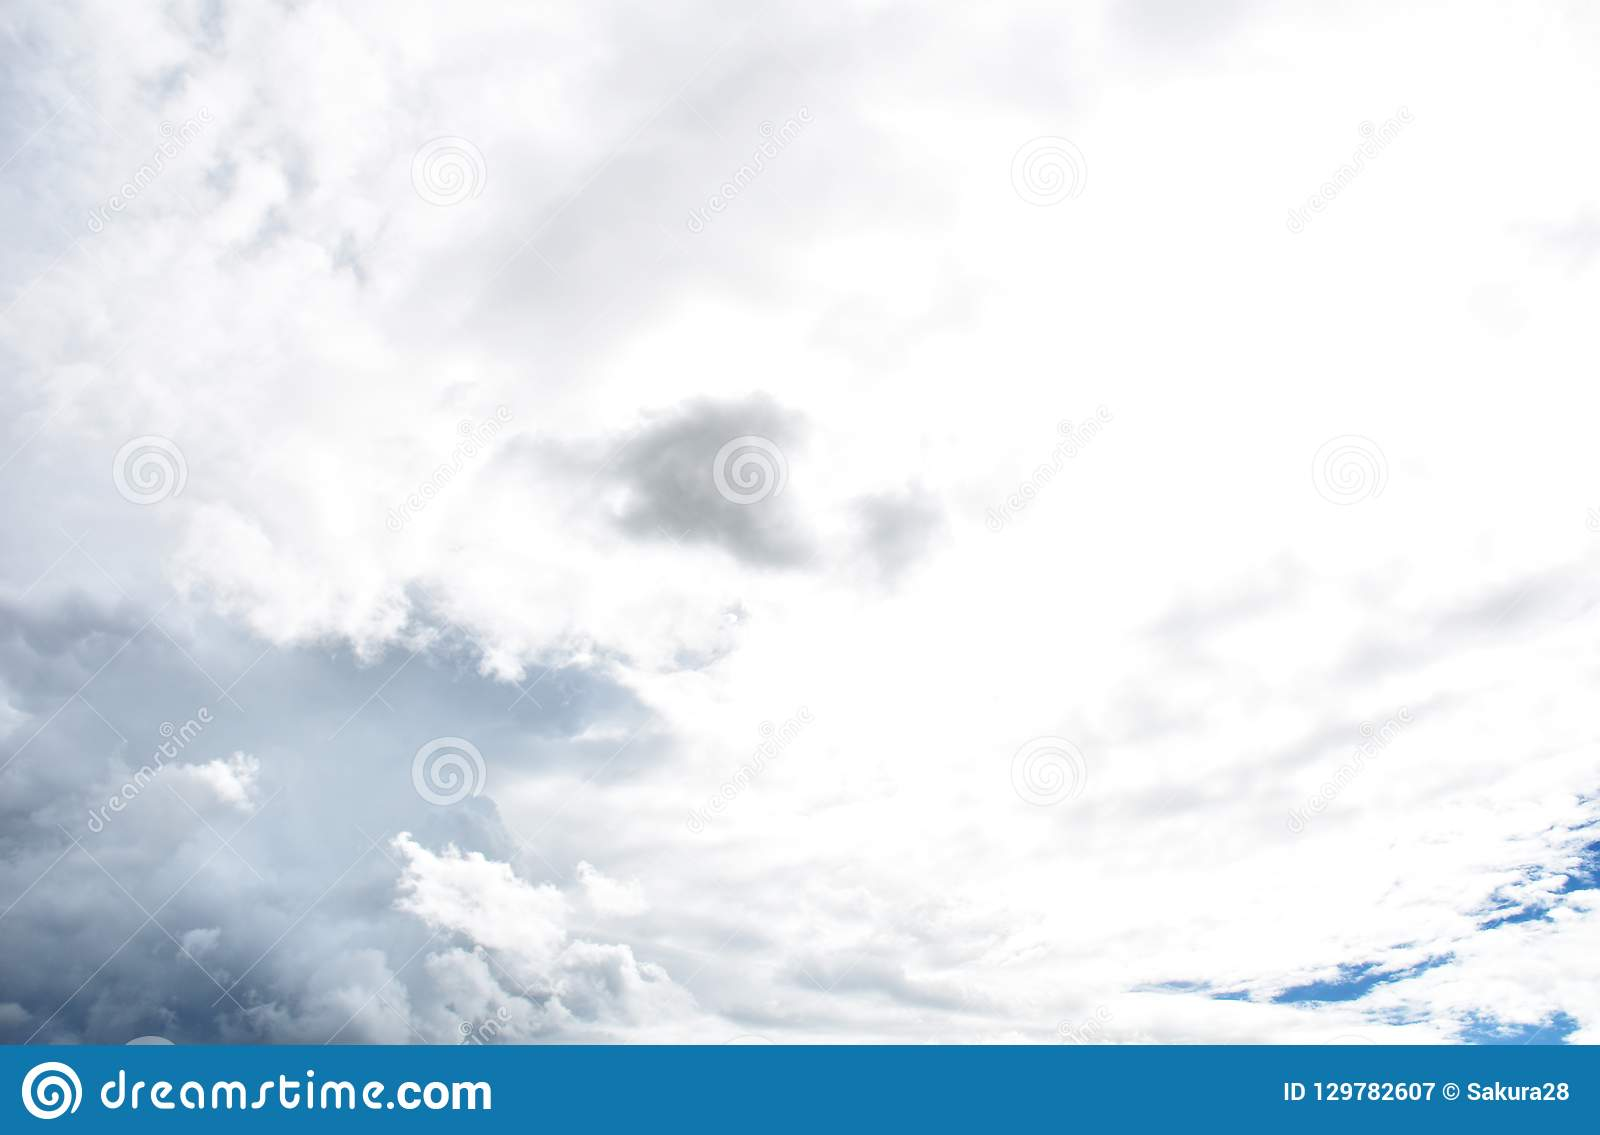 Regen-Wolke vor strom